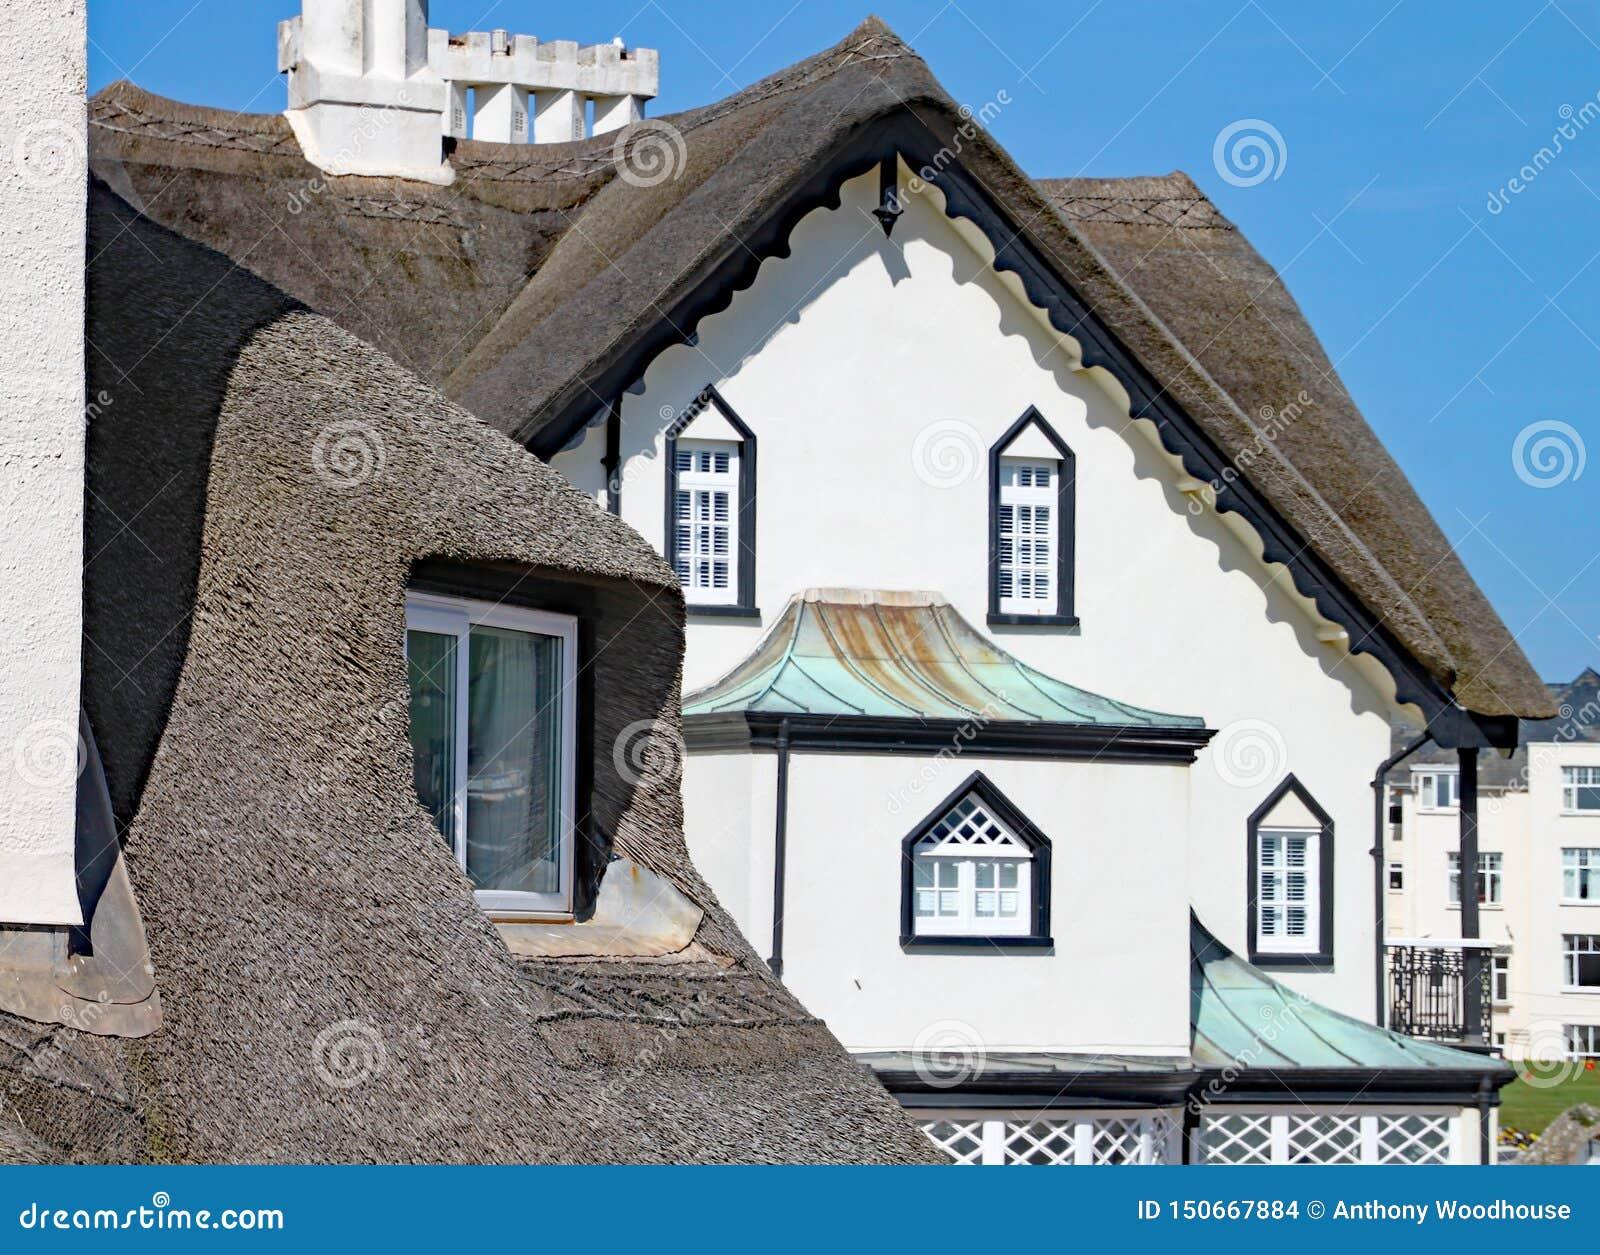 SIDMOUTH, DEVON - APRIL EERSTE 2012: De mooie oude met stro bedekte woonplaatstribunes op de Sidmouth-kust op een zonnige dag